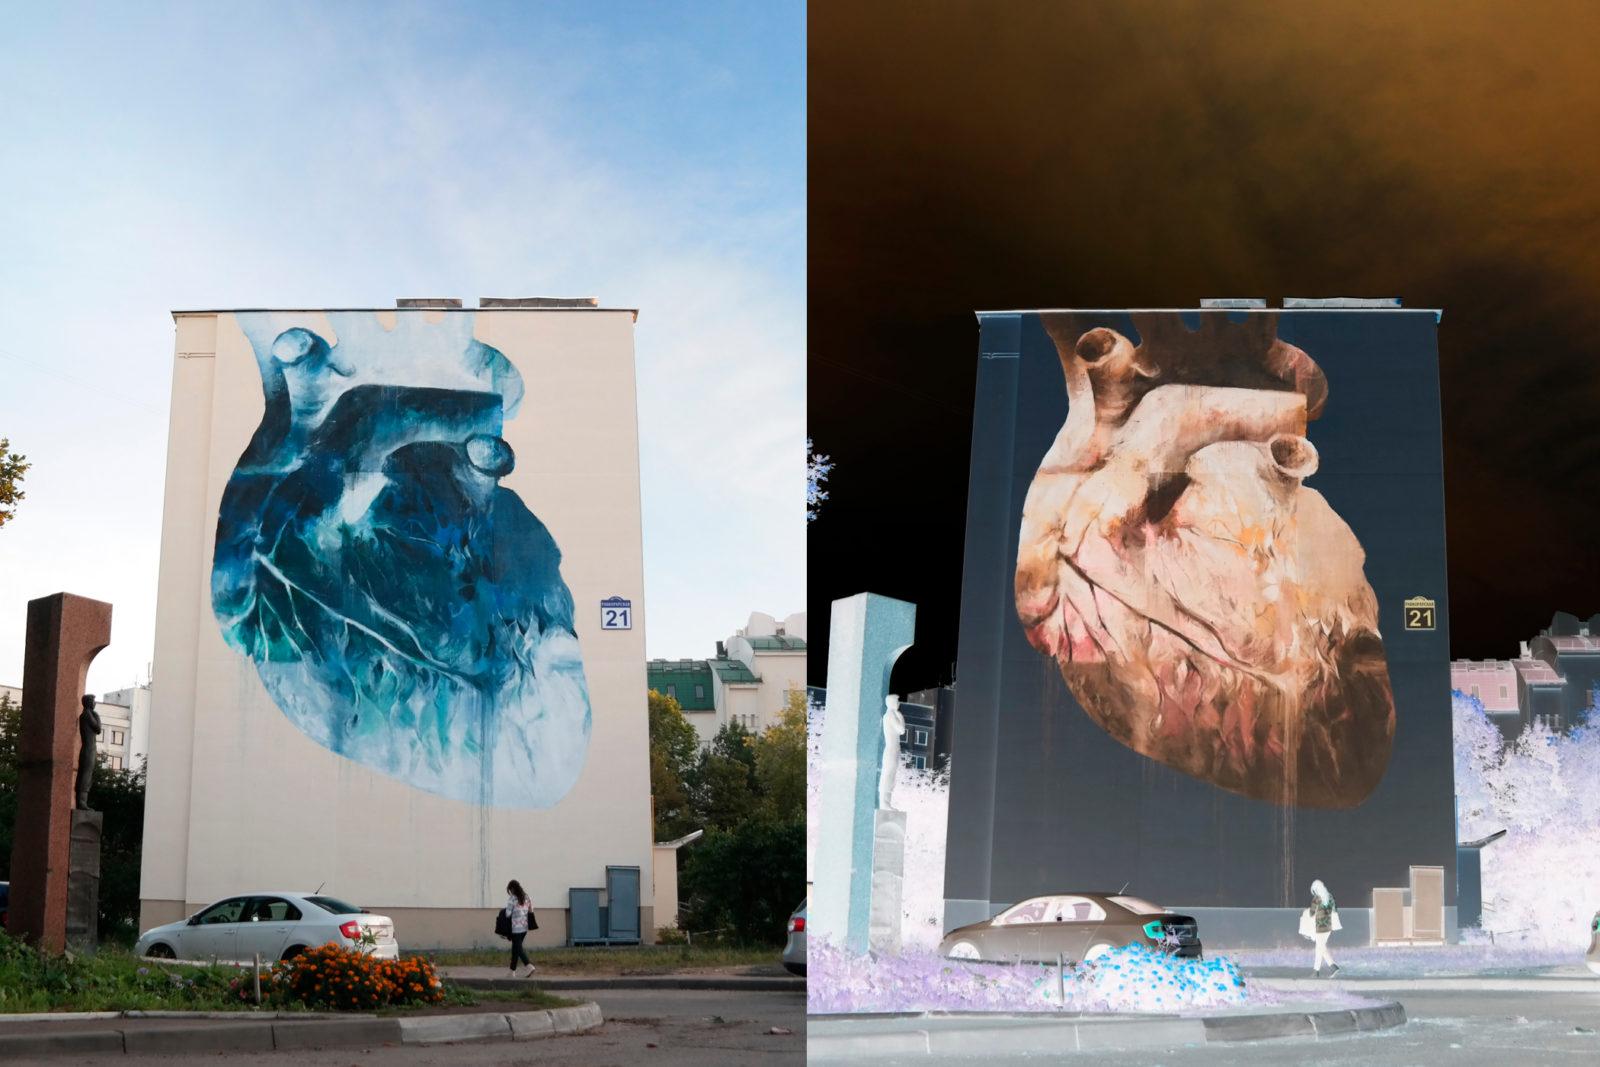 bosoletti murale streetart peinture coeur - Les peintures murales de Bosoletti se révèlent en négatif